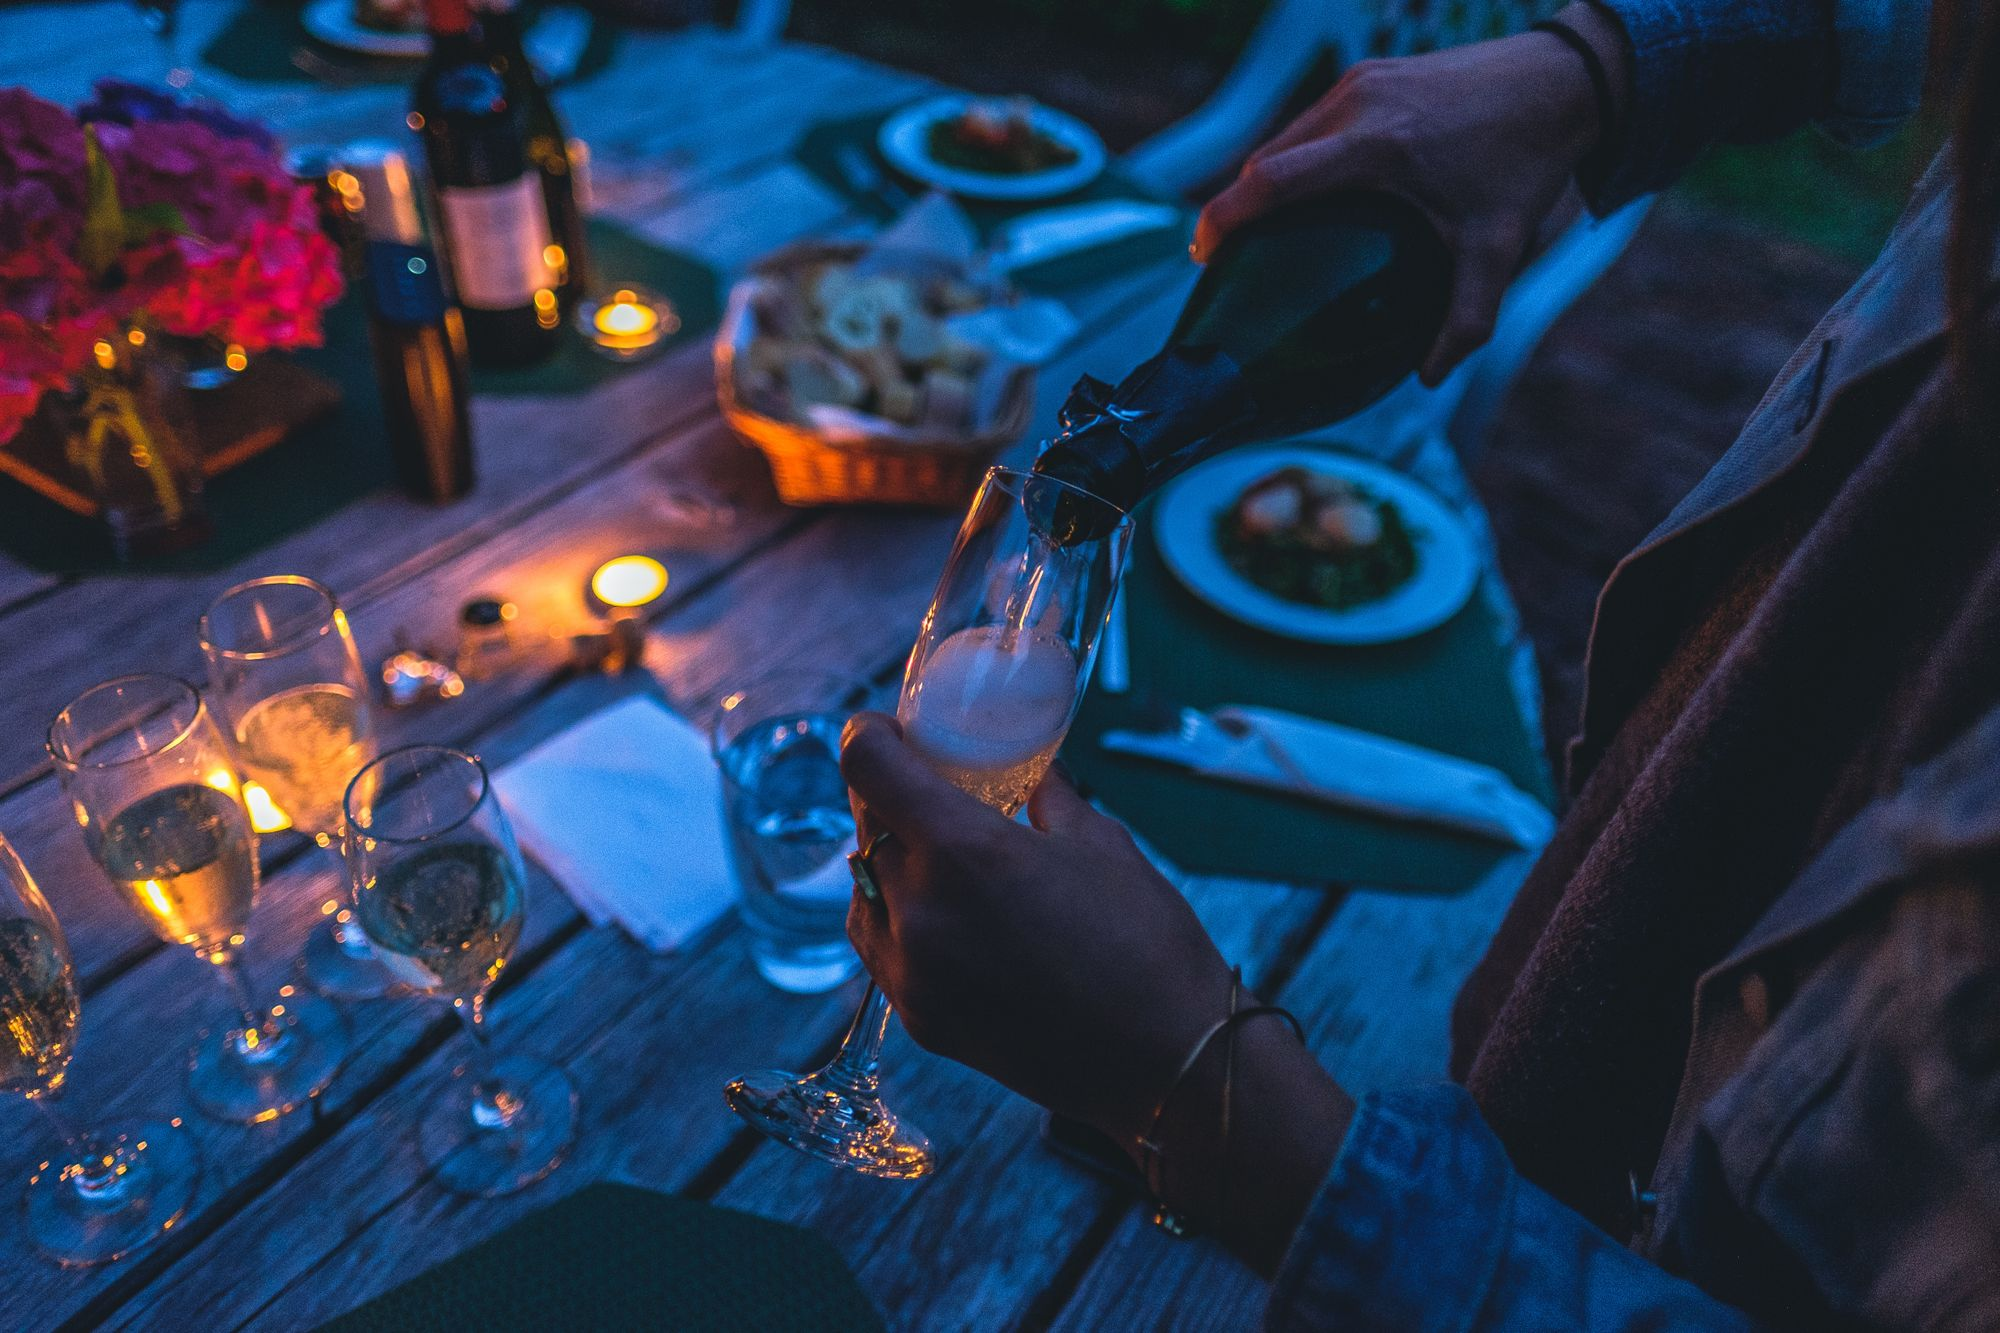 femme tenant une coupe pour servir du champagne pendant un dîner